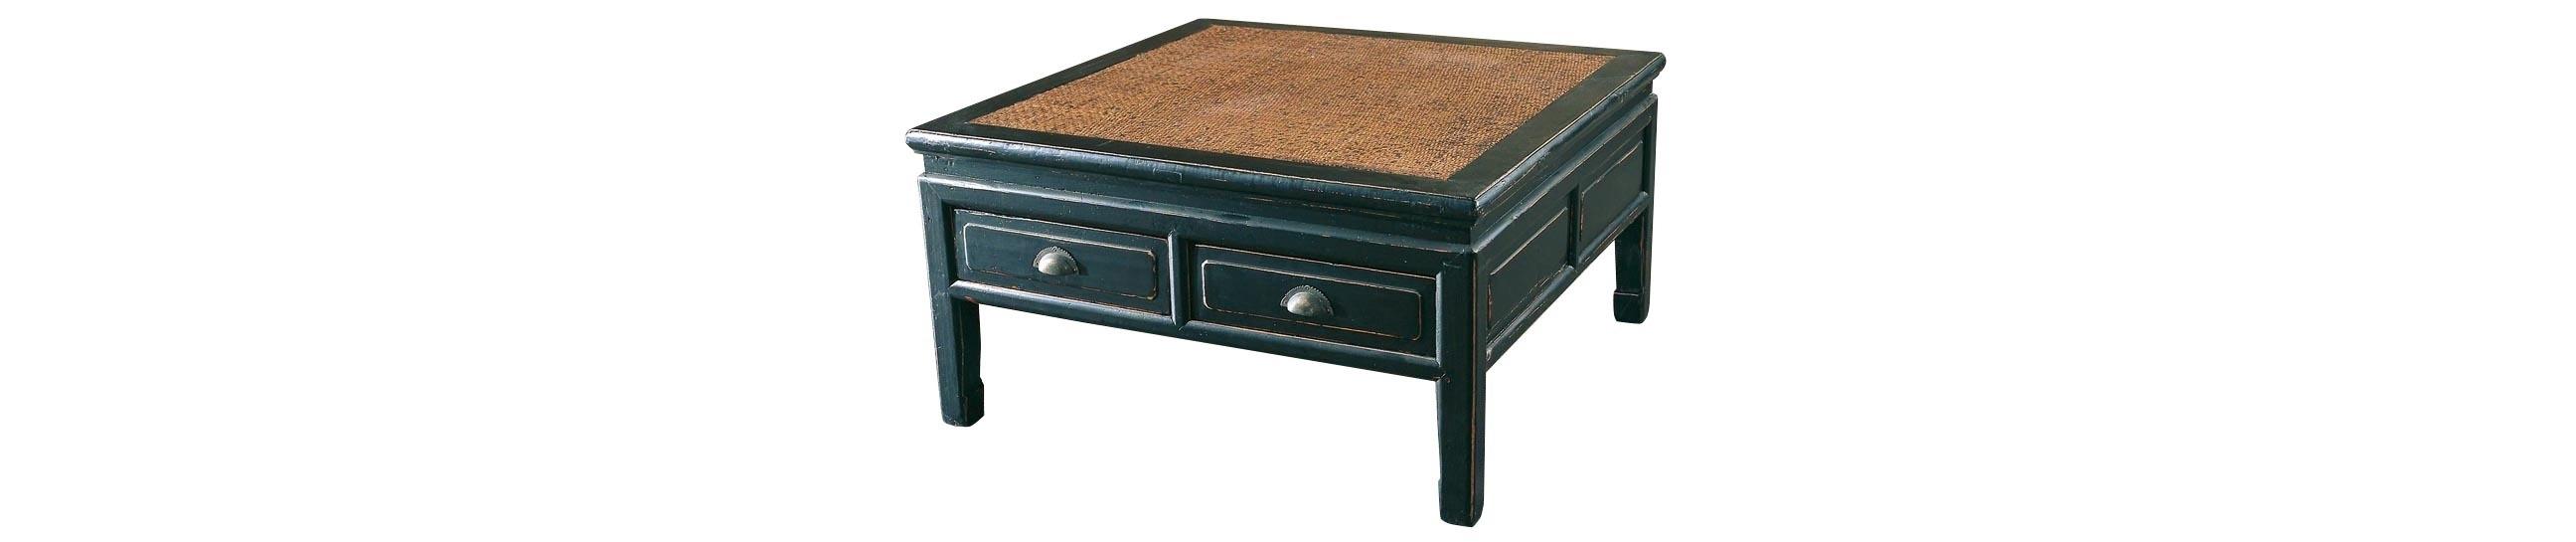 Кан-джо традиционный столик от The Furnish